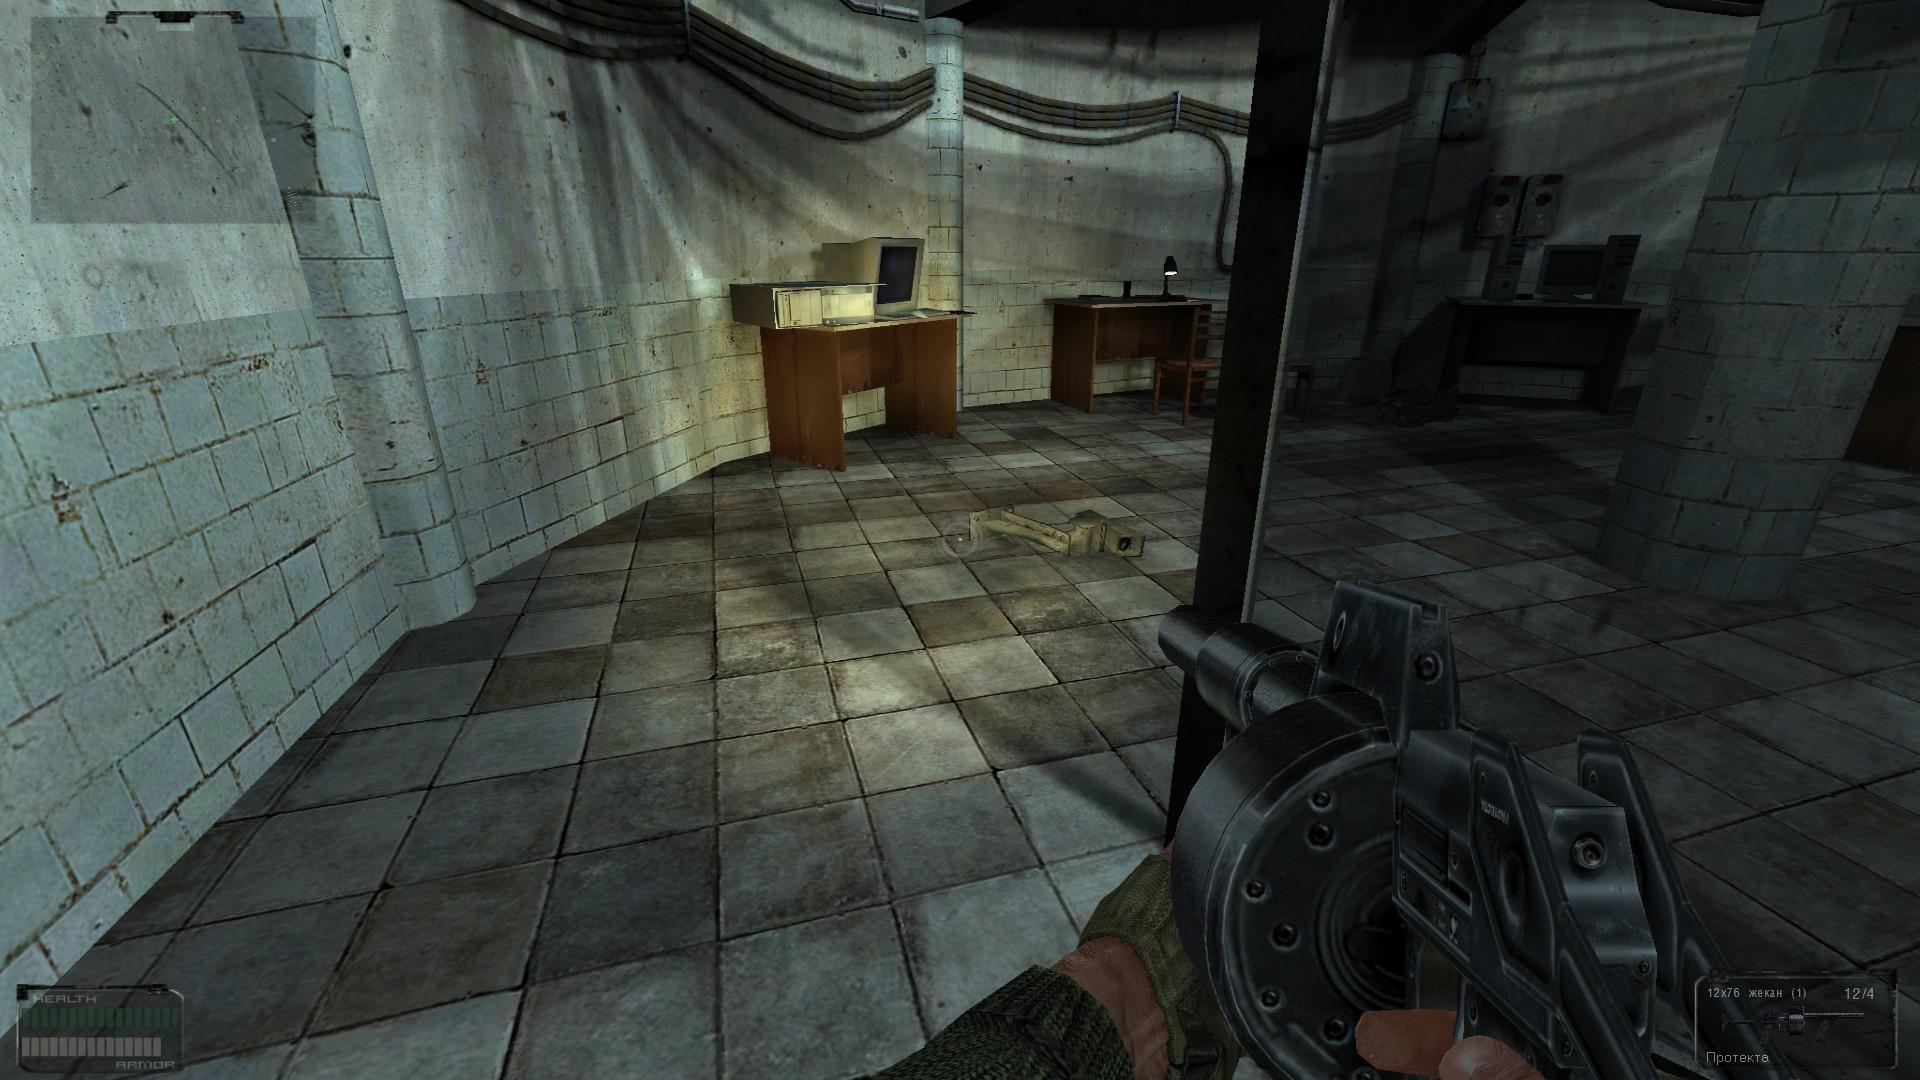 Oblivion Lost Remake 2.5 image 270